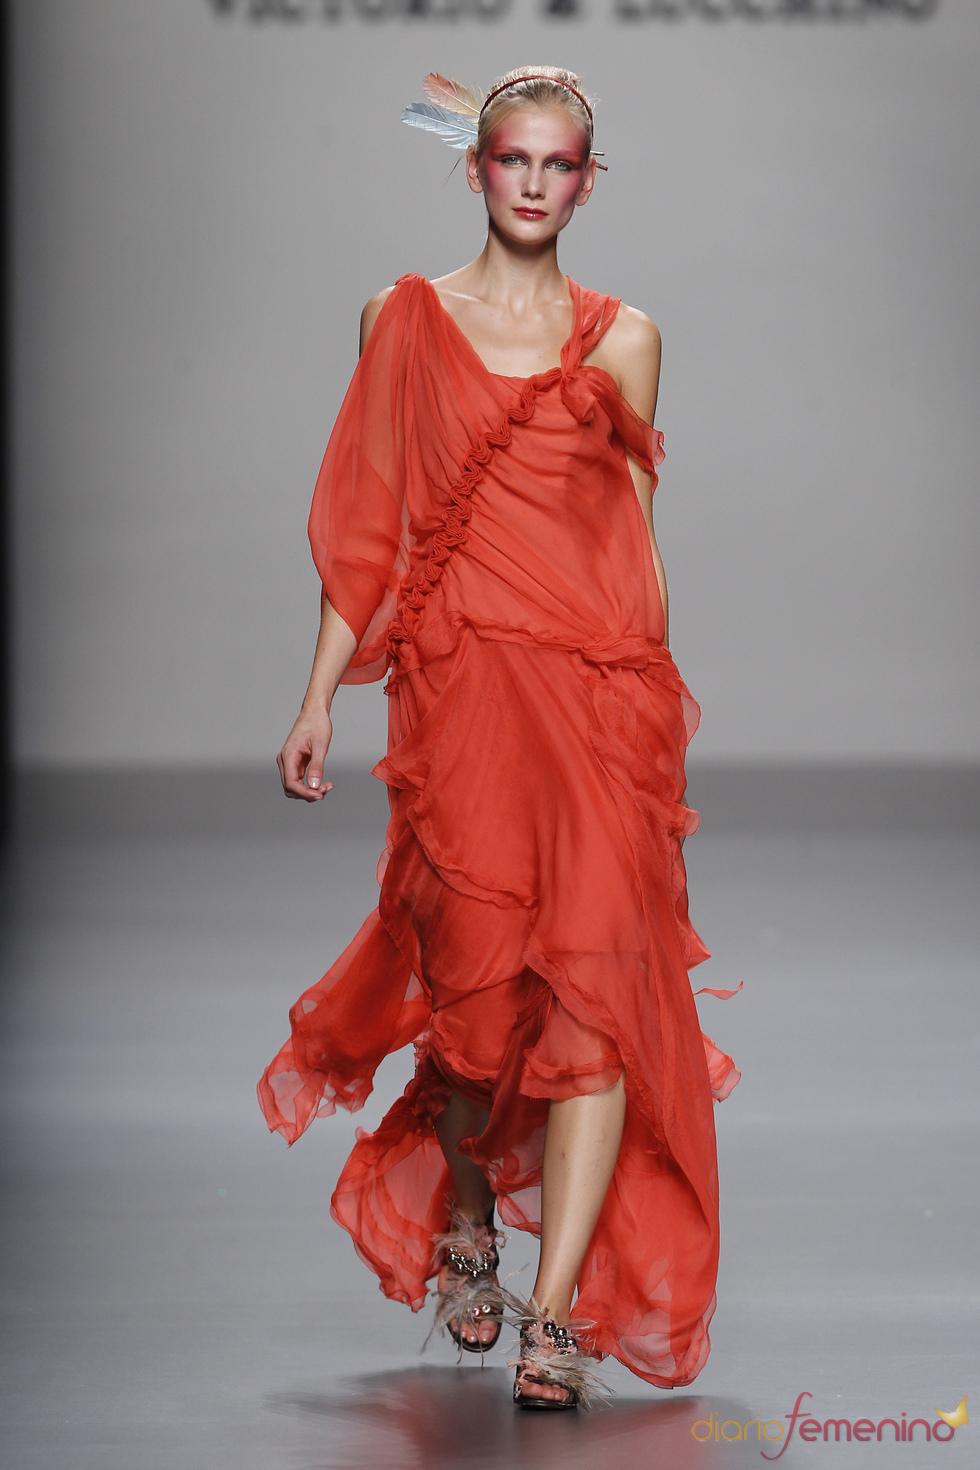 Vestido rojo de Victorio & Lucchino para el verano 2011